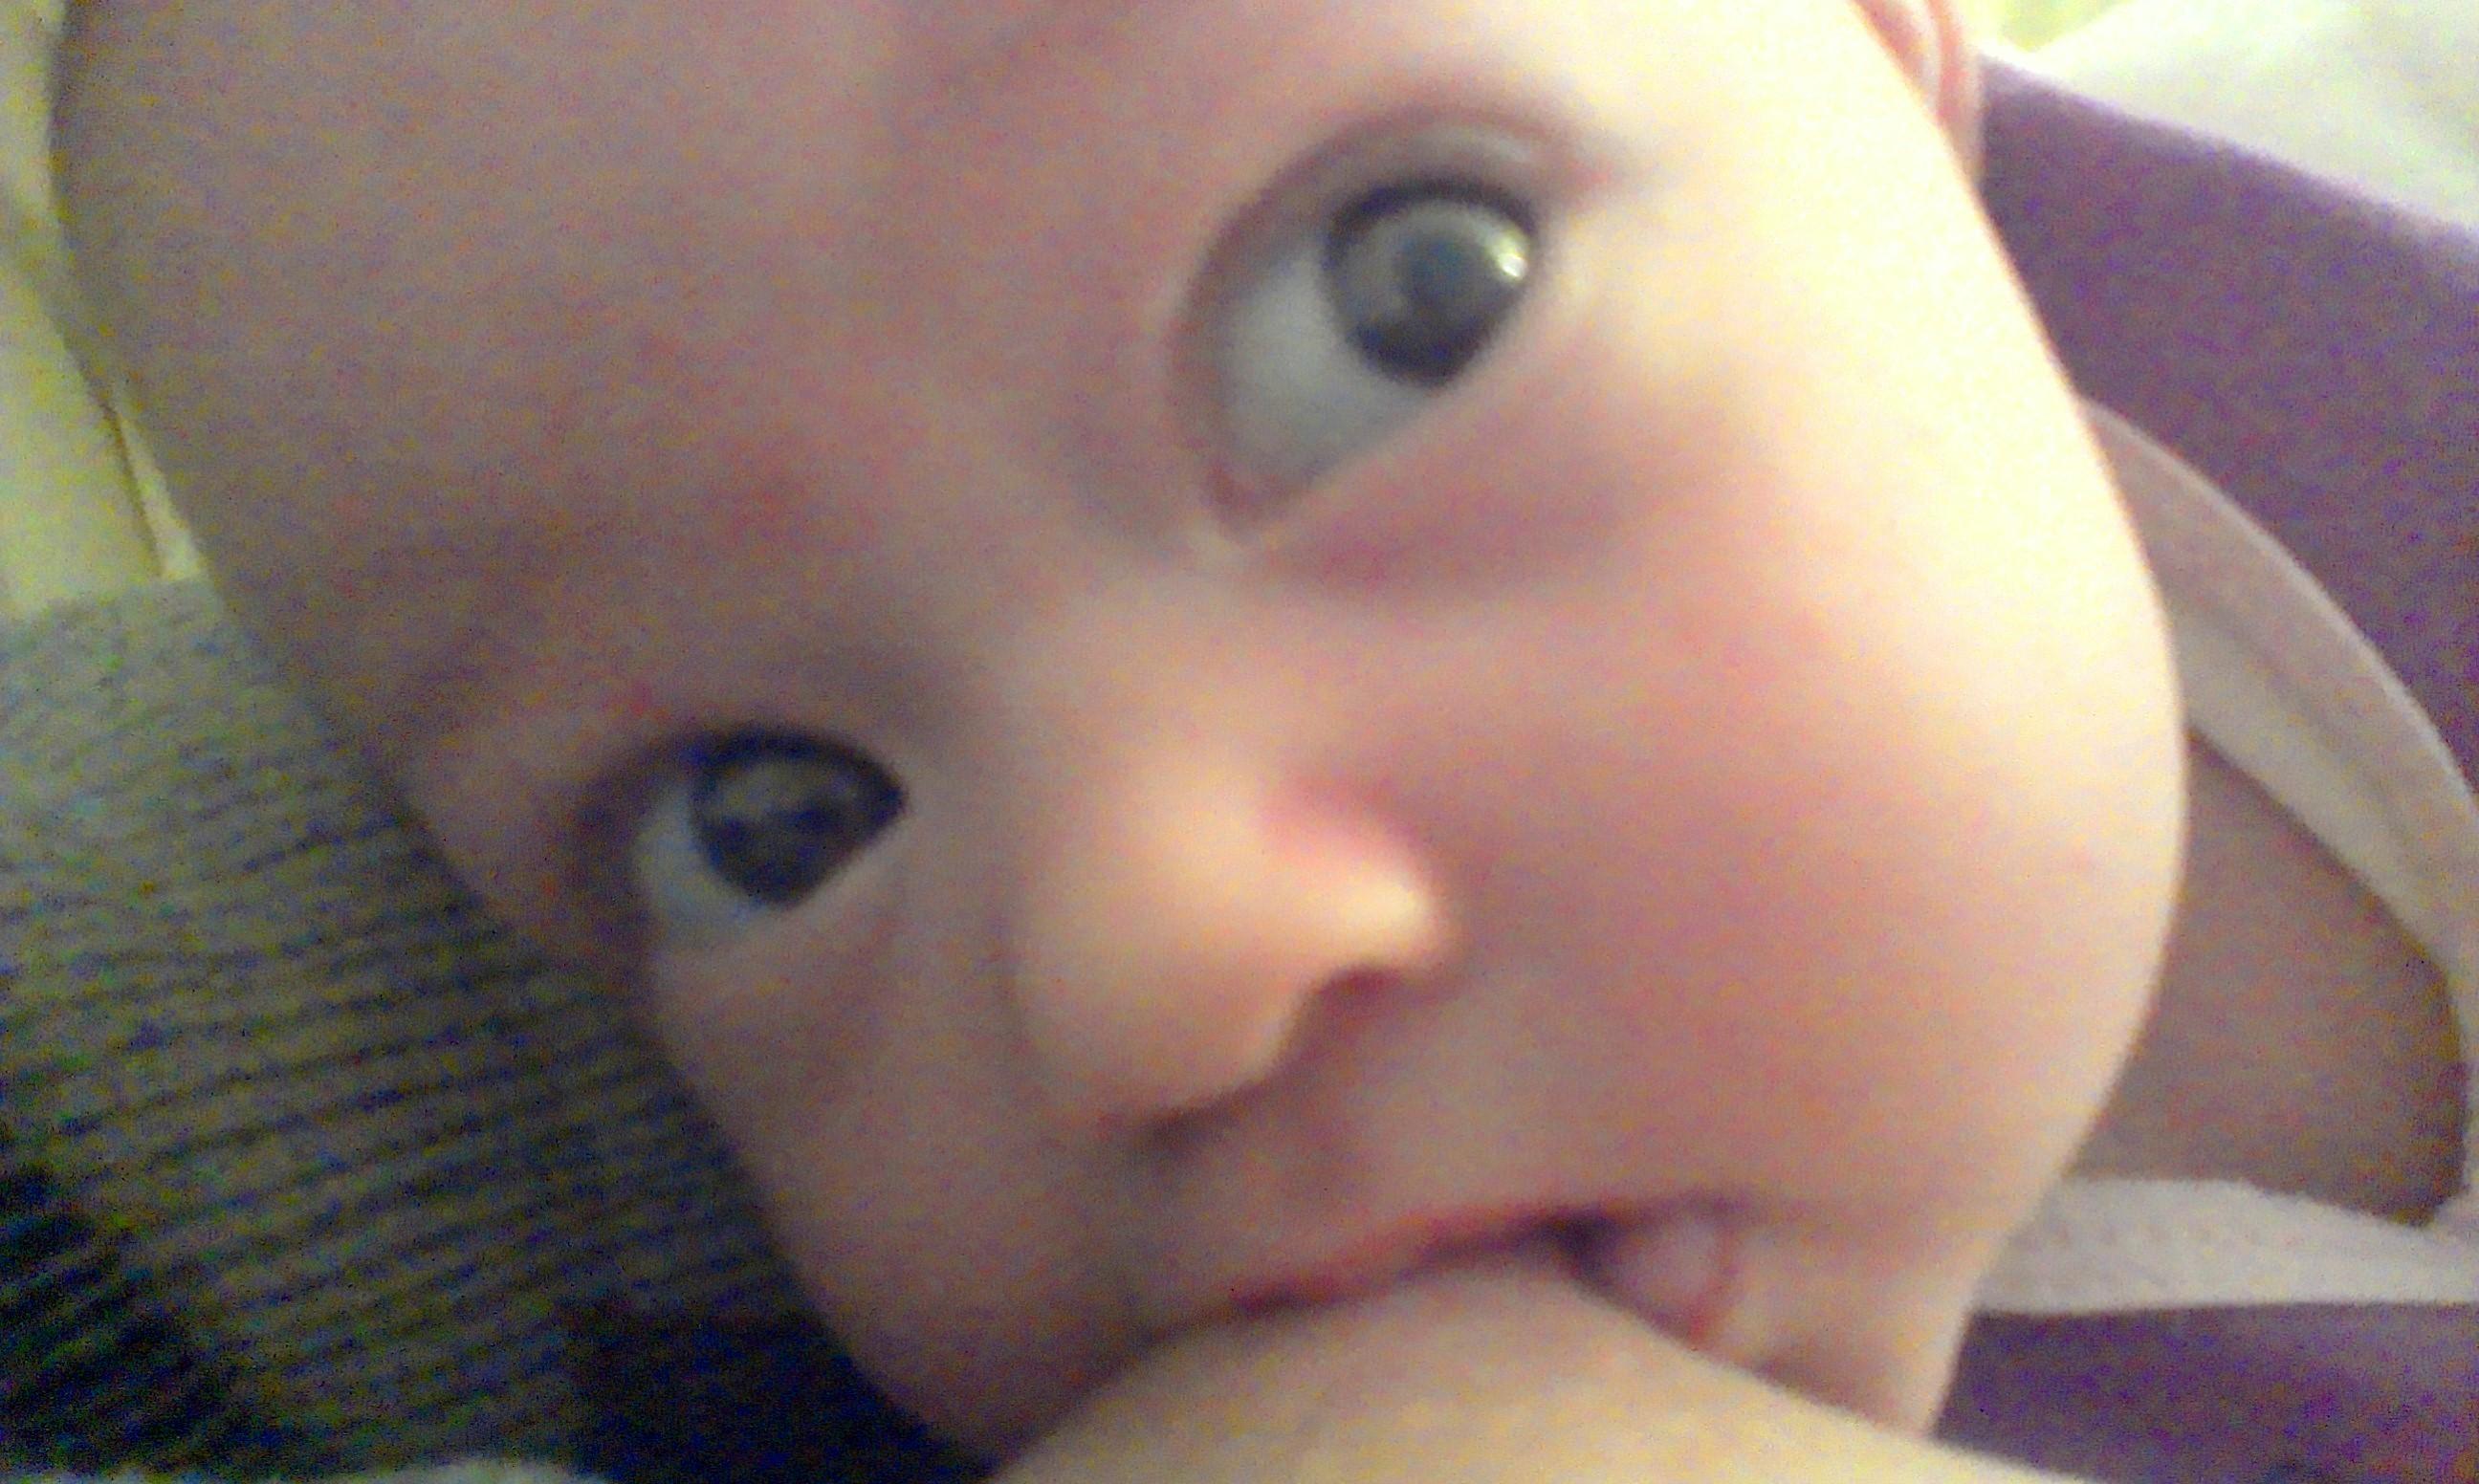 Fotografija 18: Milica Milosavljević, 9 meseci, mama Desanka